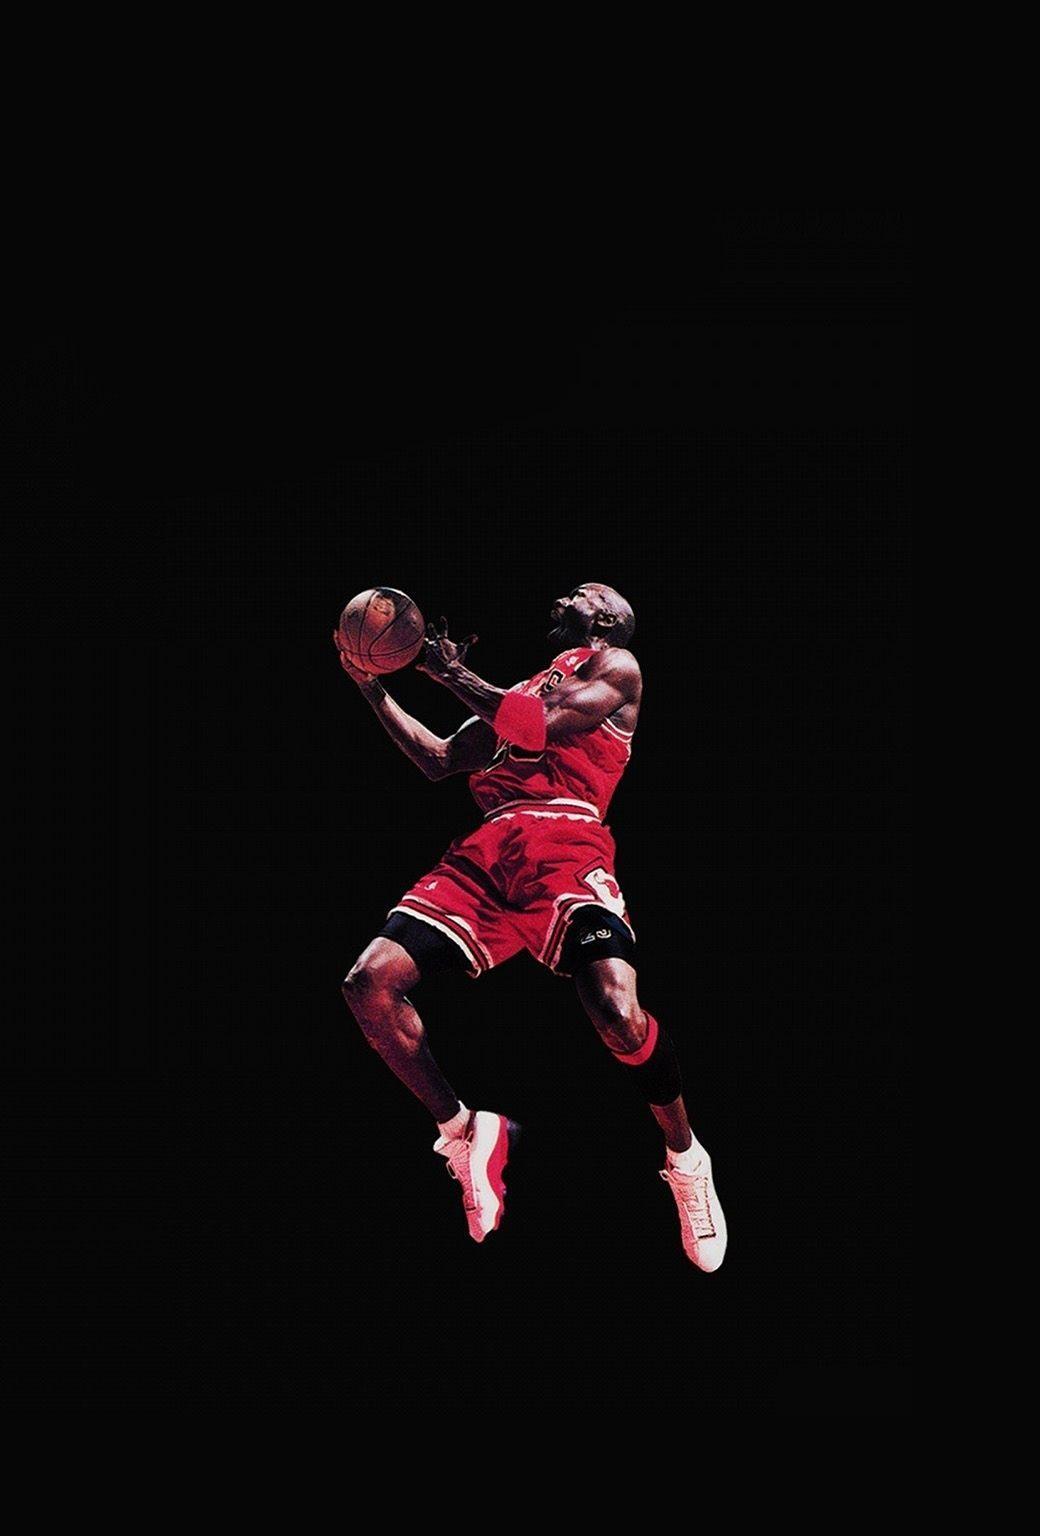 Nike Jordan Wallpapers HD - Wallpaper Cave